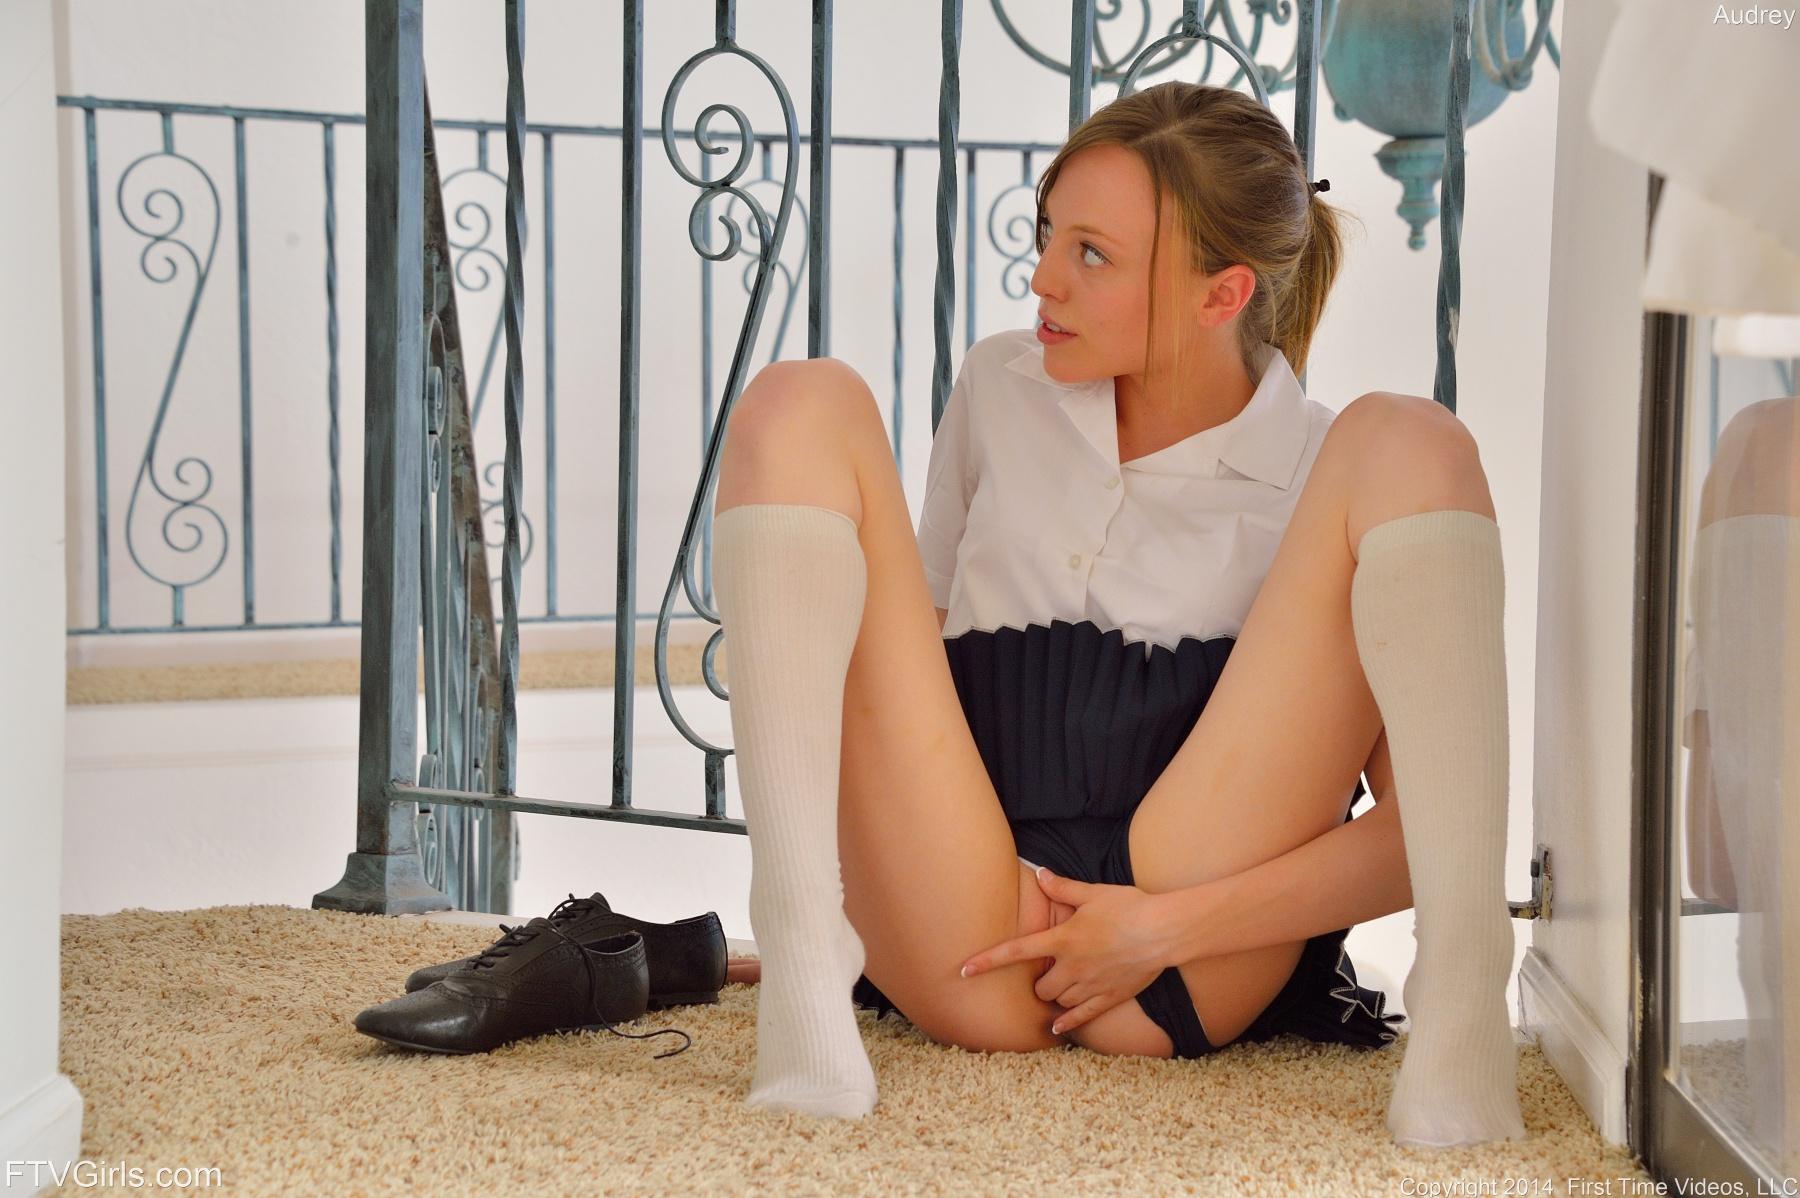 naughty-schoolgirls-nude-mix-vol3-15